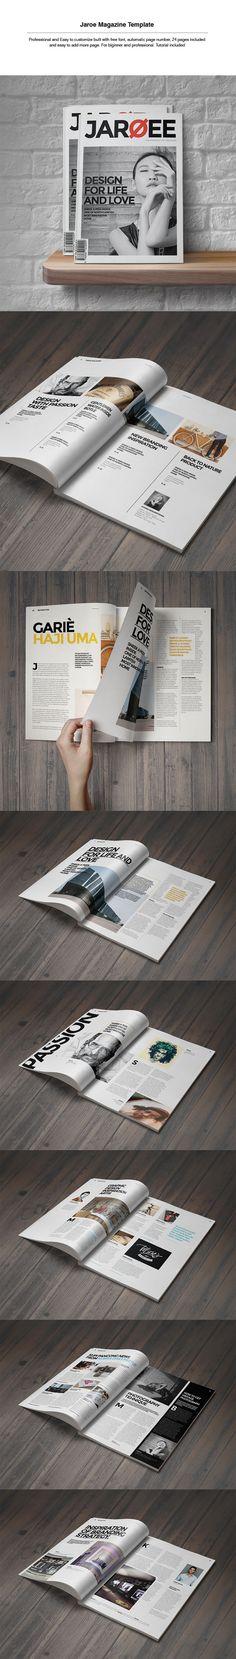 Magazine page layouts